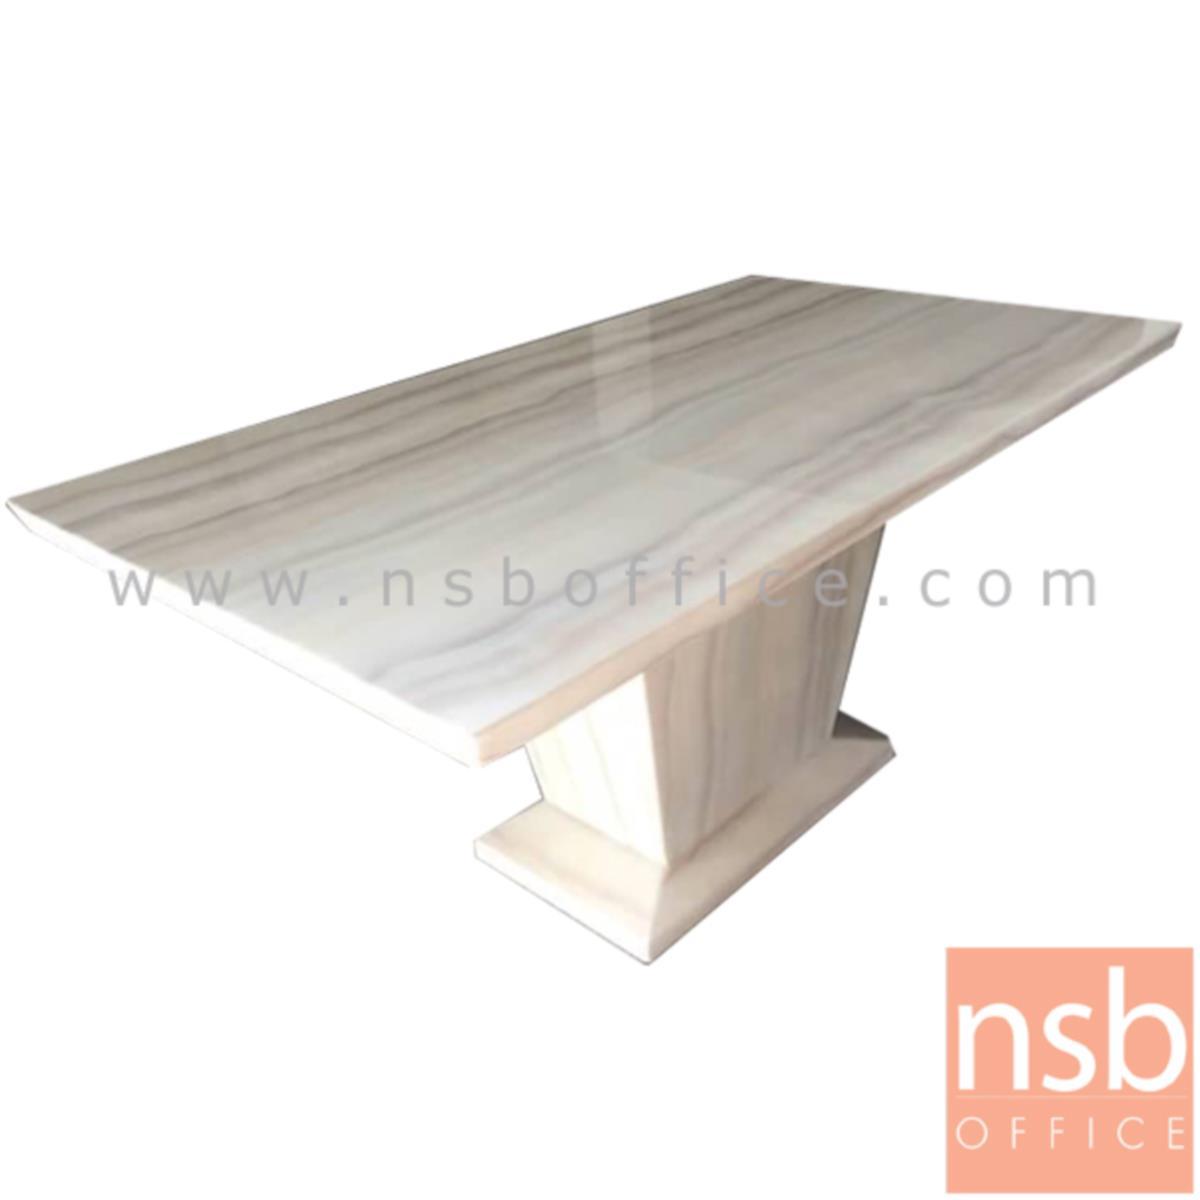 G14A151:โต๊ะรับประทานอาหารหน้าหินอ่อน รุ่น Kellan (เคลแลน) ขนาด 160W cm. ฐานสี่เหลี่ยมพีระมิด